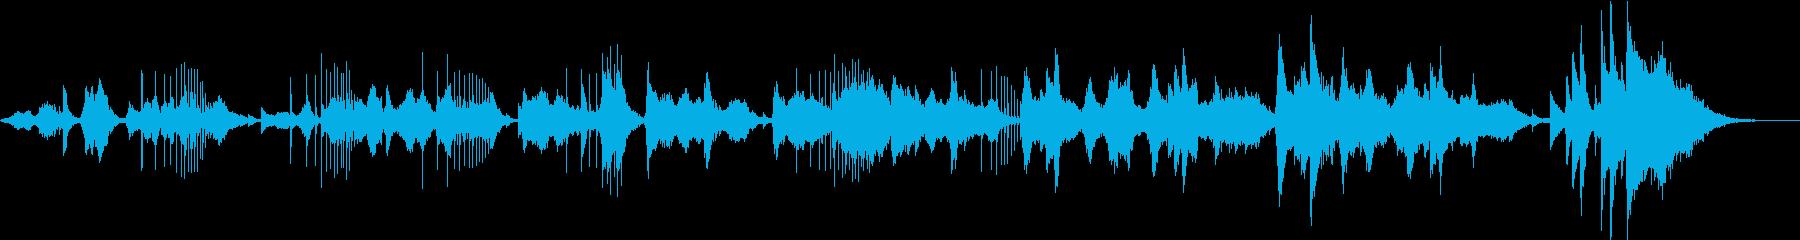 バイオリンによる日本の和の代表曲/越天楽の再生済みの波形